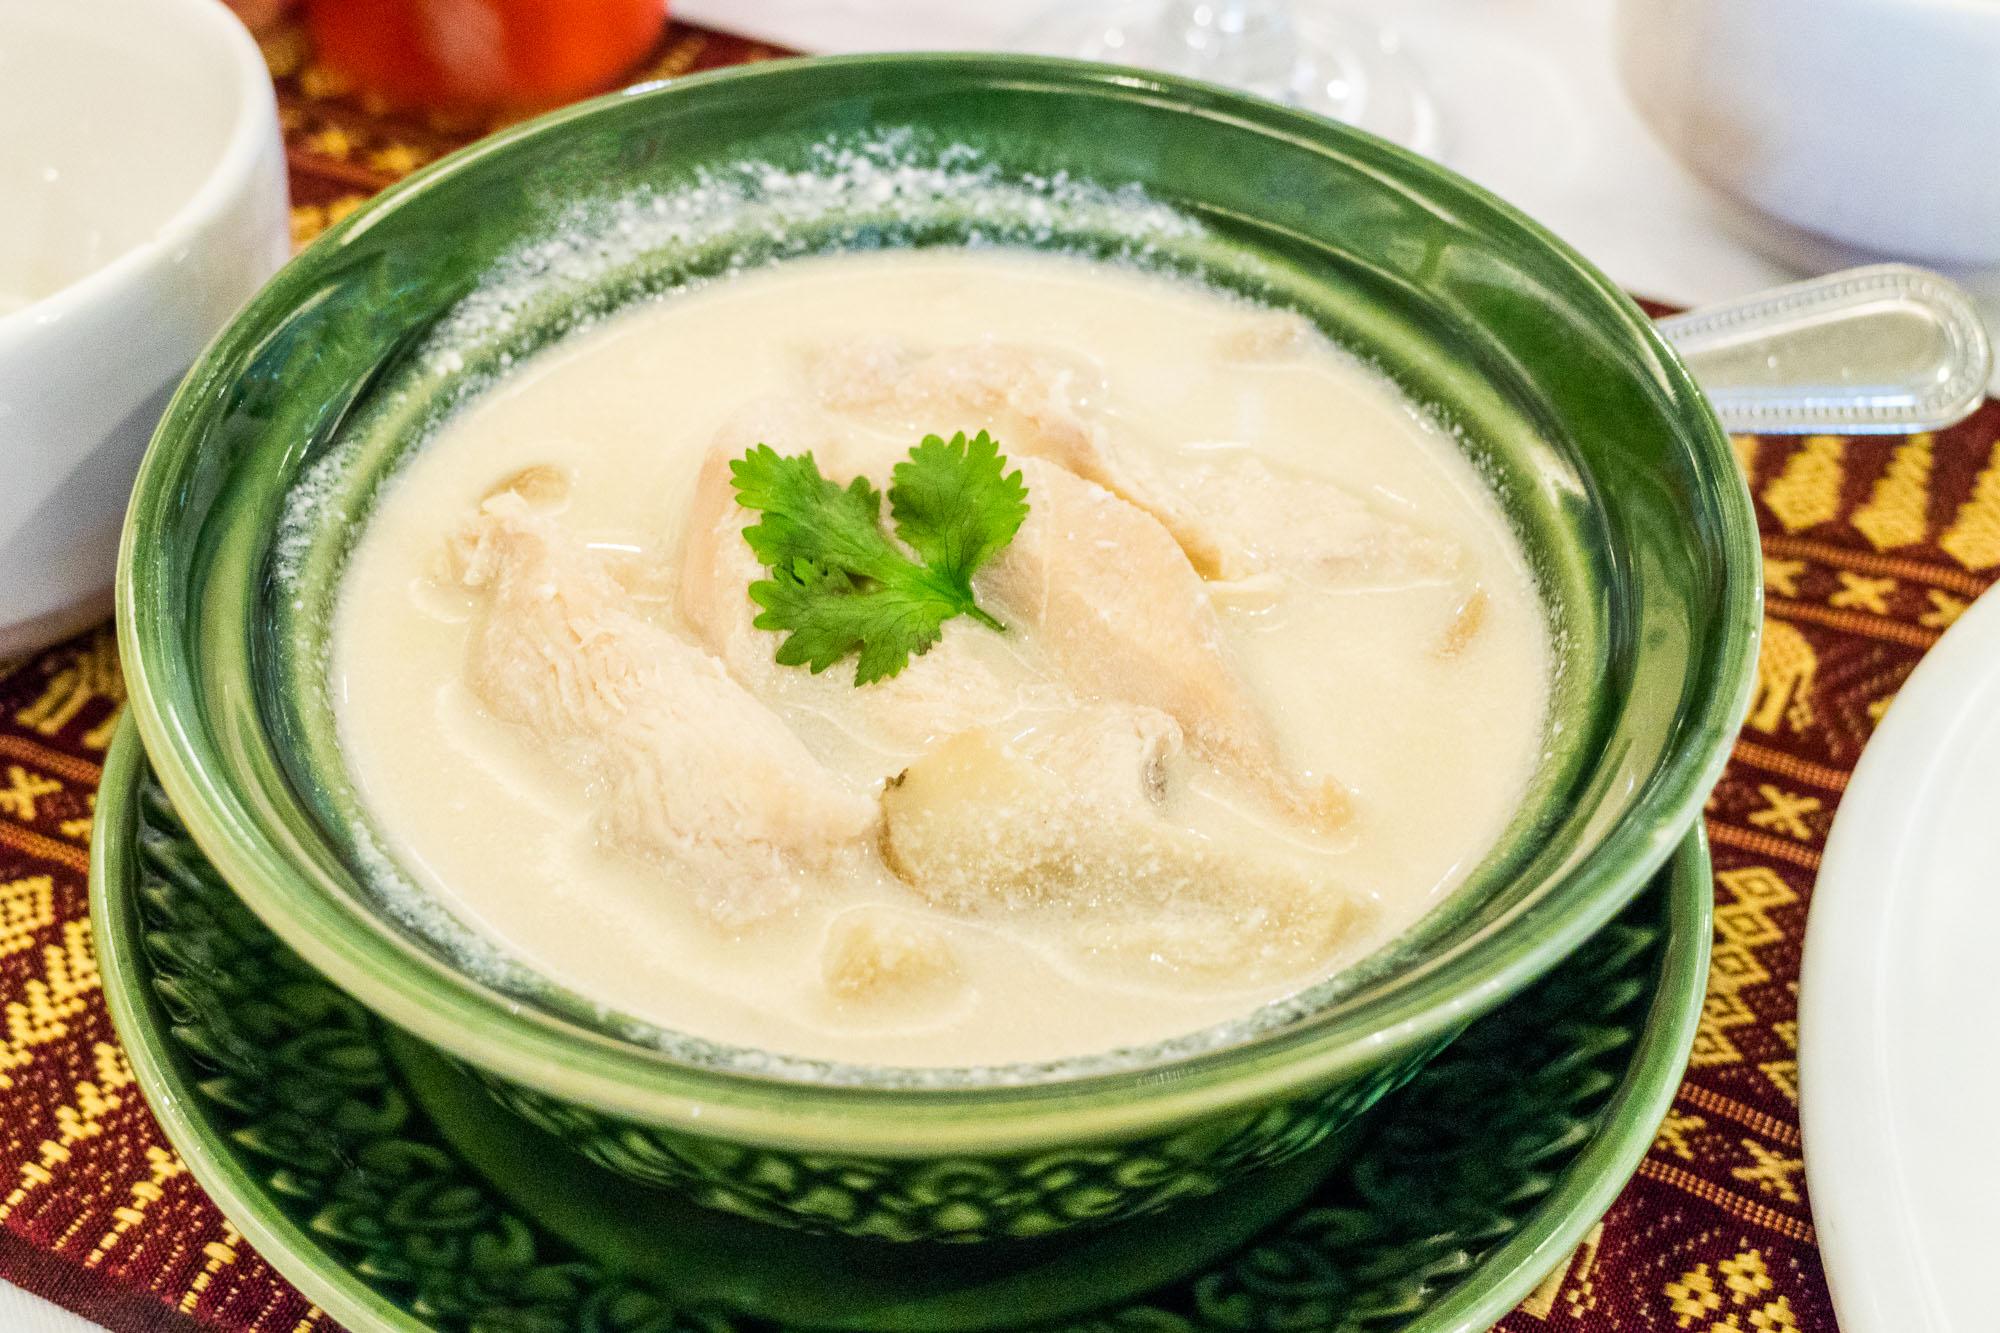 ต้มข่าไก่ ร้านอาหารนาจ Naj Exquisite Thai Cusine & Naj Thai Cooking School  นาจ Naj Exquisite Thai Cuisine ชวนลิ้มลองอาหารไทยสุดหรู ย่านสีลม Shutter Stock 06